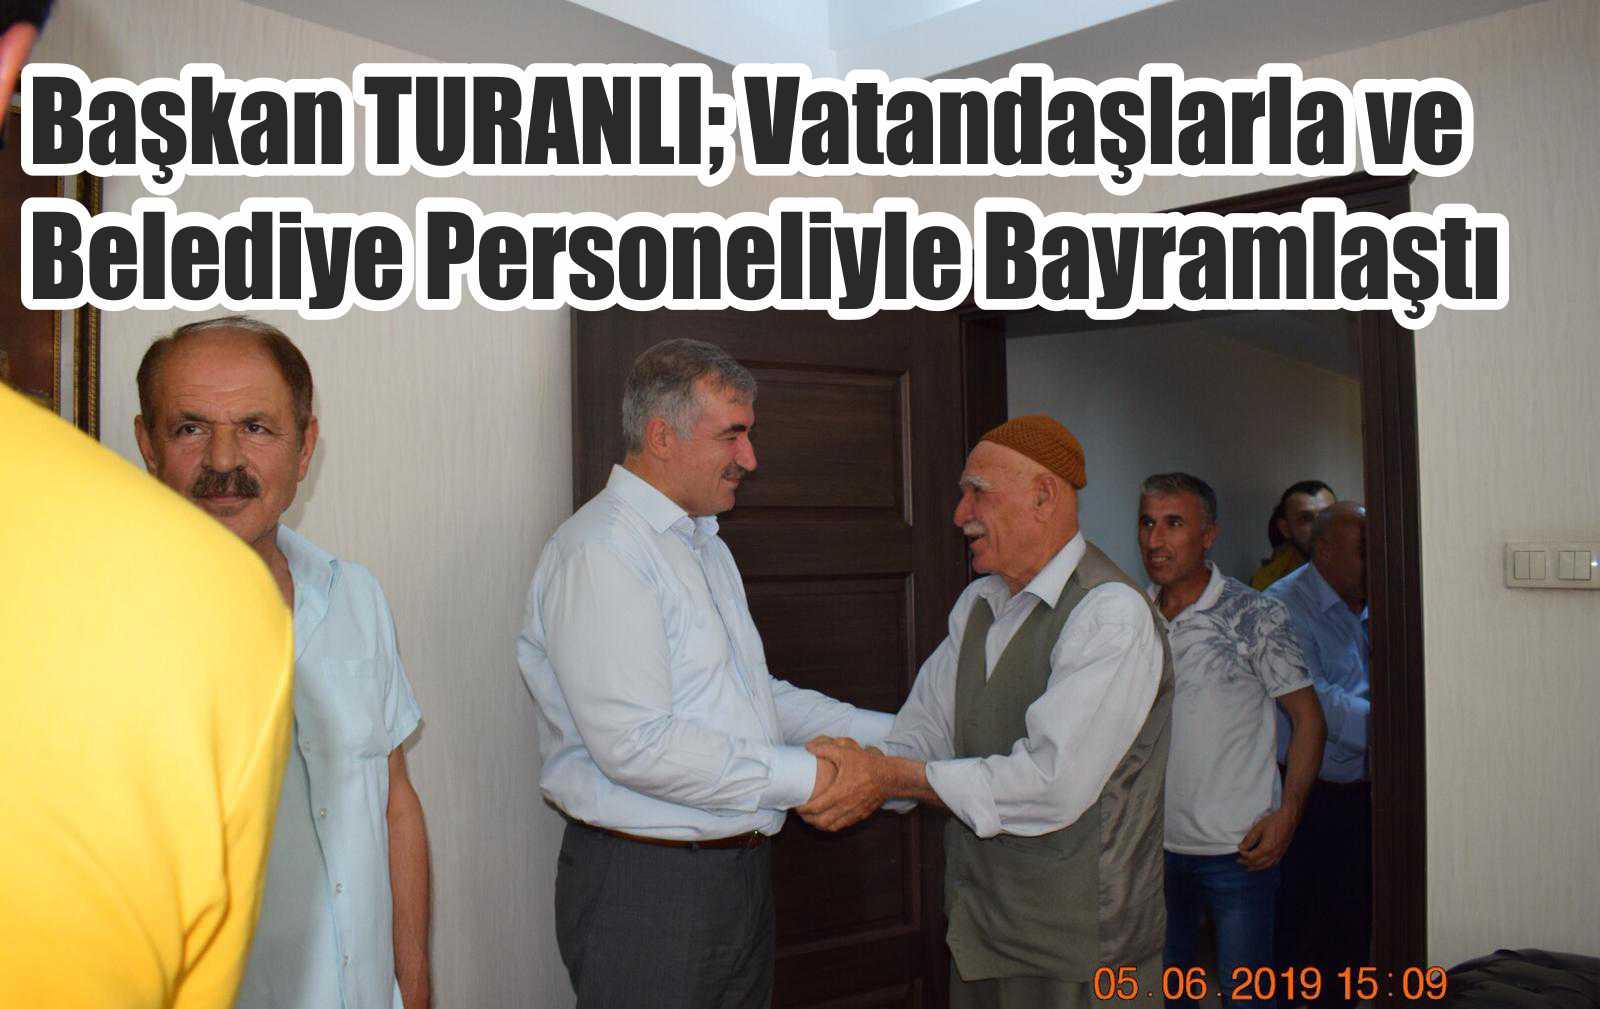 Başkan TURANLI; Vatandaşlarla ve Belediye Personeliyle Bayramlaştı